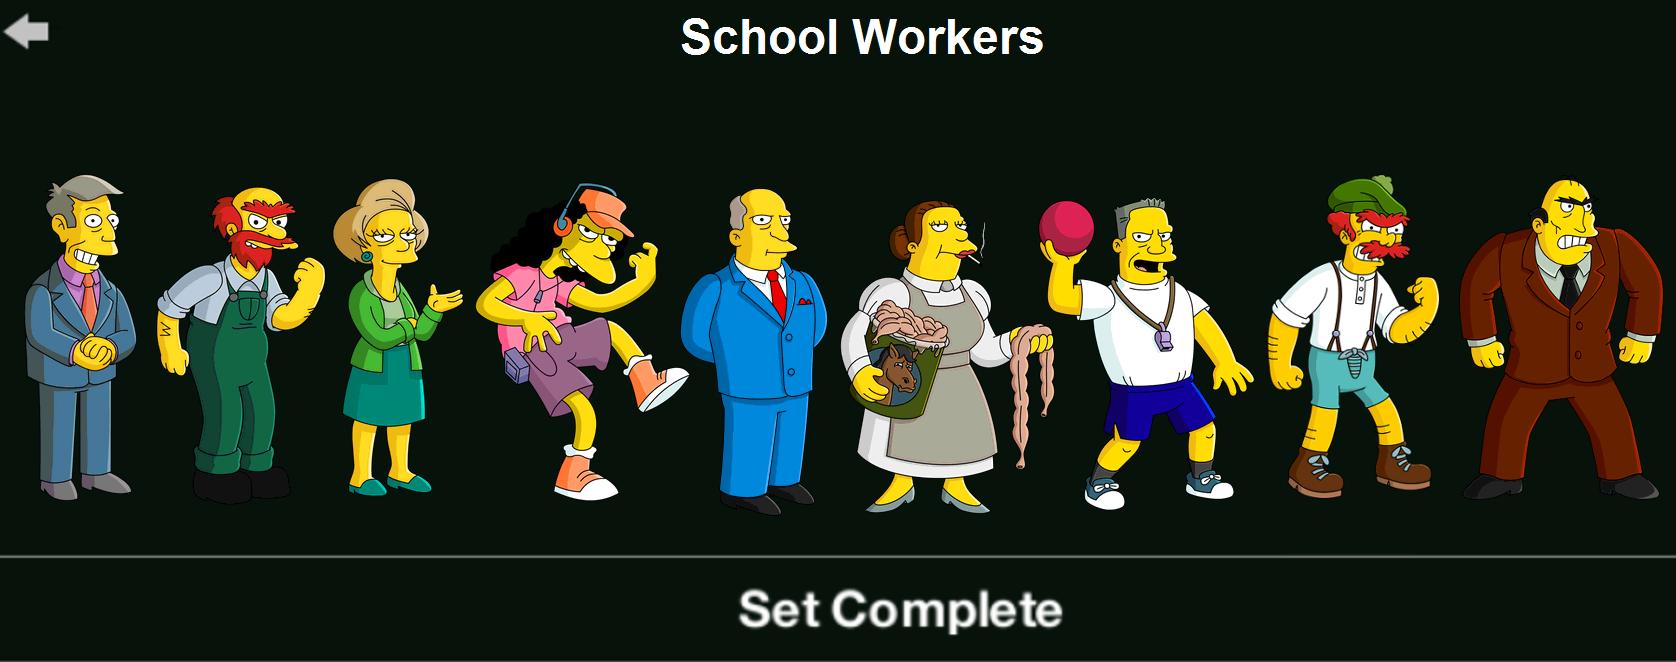 School workers.png